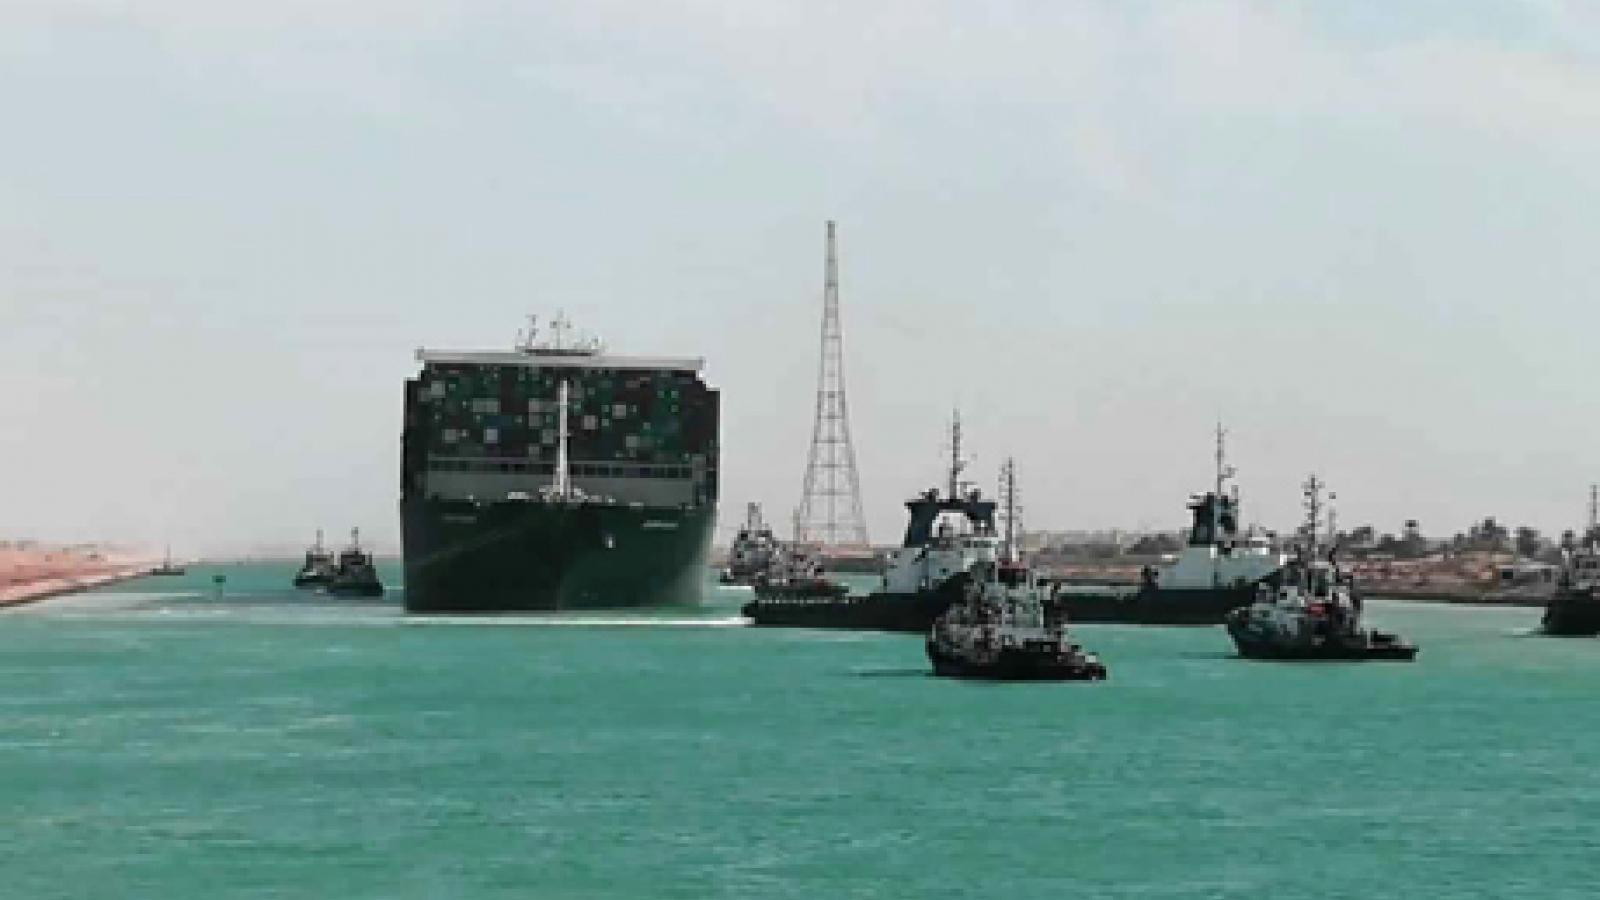 Kênh Suez chính thức hoạt động trở lại